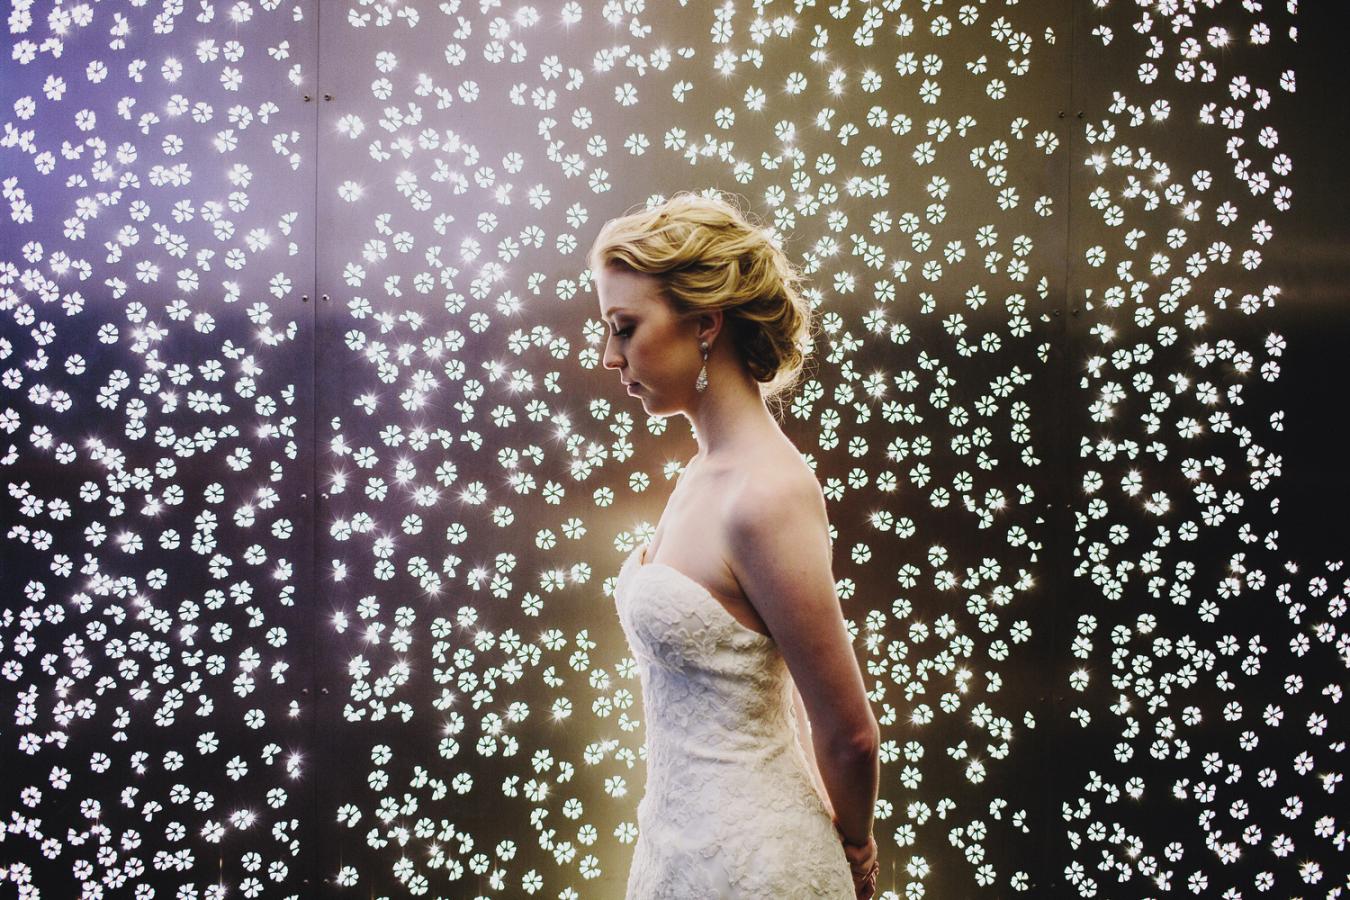 Lauren-wedding-7.jpg